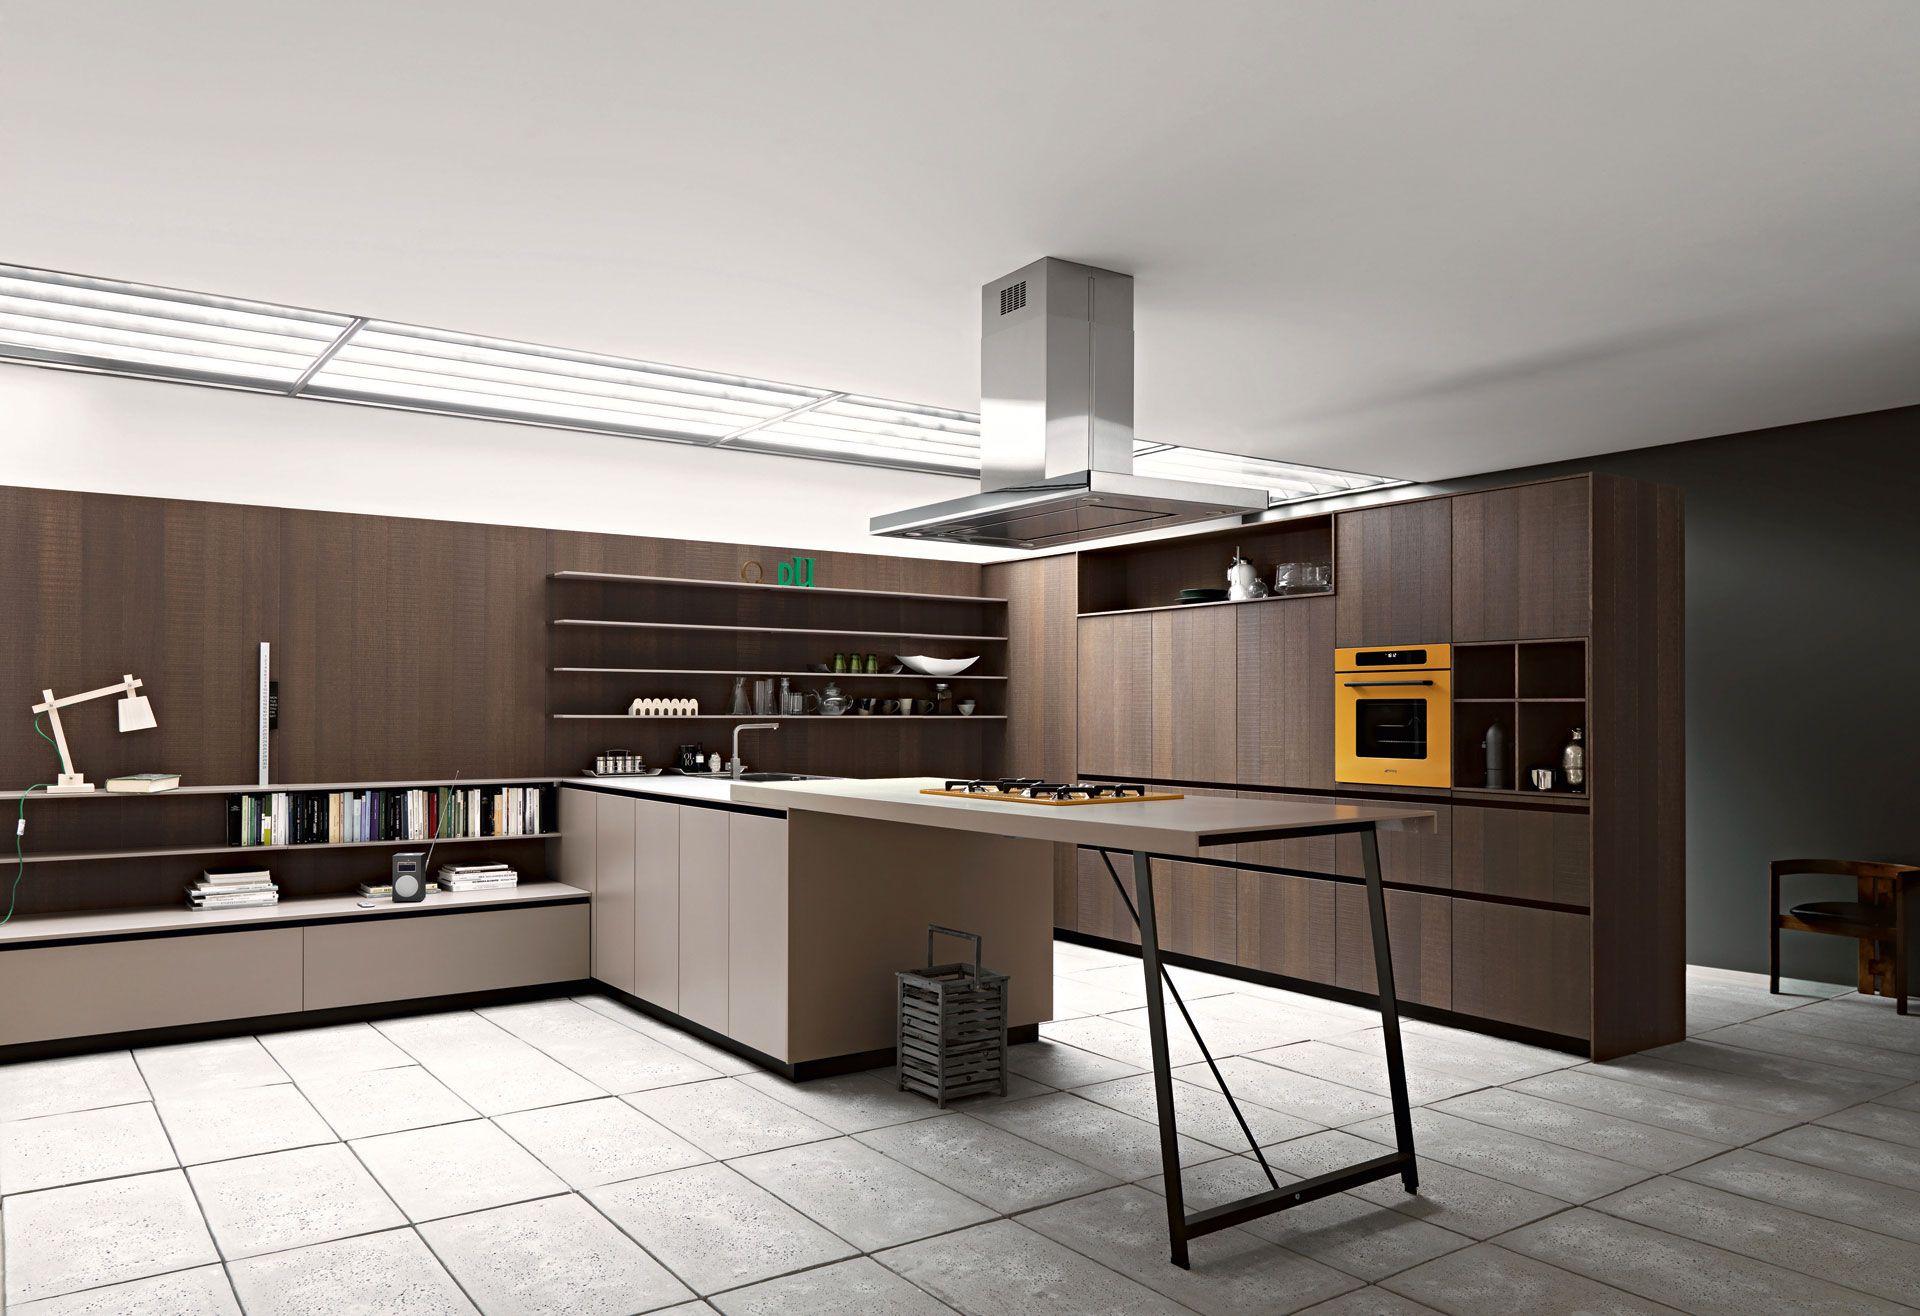 designer kuche kalea cesar arredamenti harmonischen farbtonen, cesar modern and minimal kitchen furniture | konyhabútor - kitchen, Design ideen